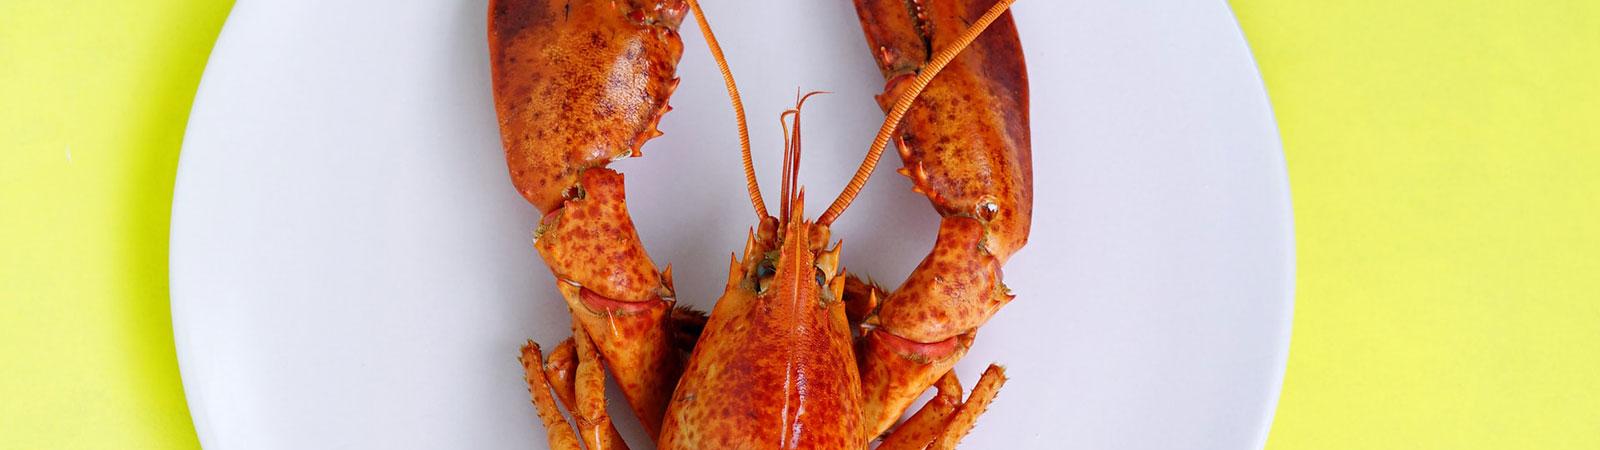 https://www.lakeshorecountryclub.com/uploads/slides/053968_lobster-lake-shore-2.jpg